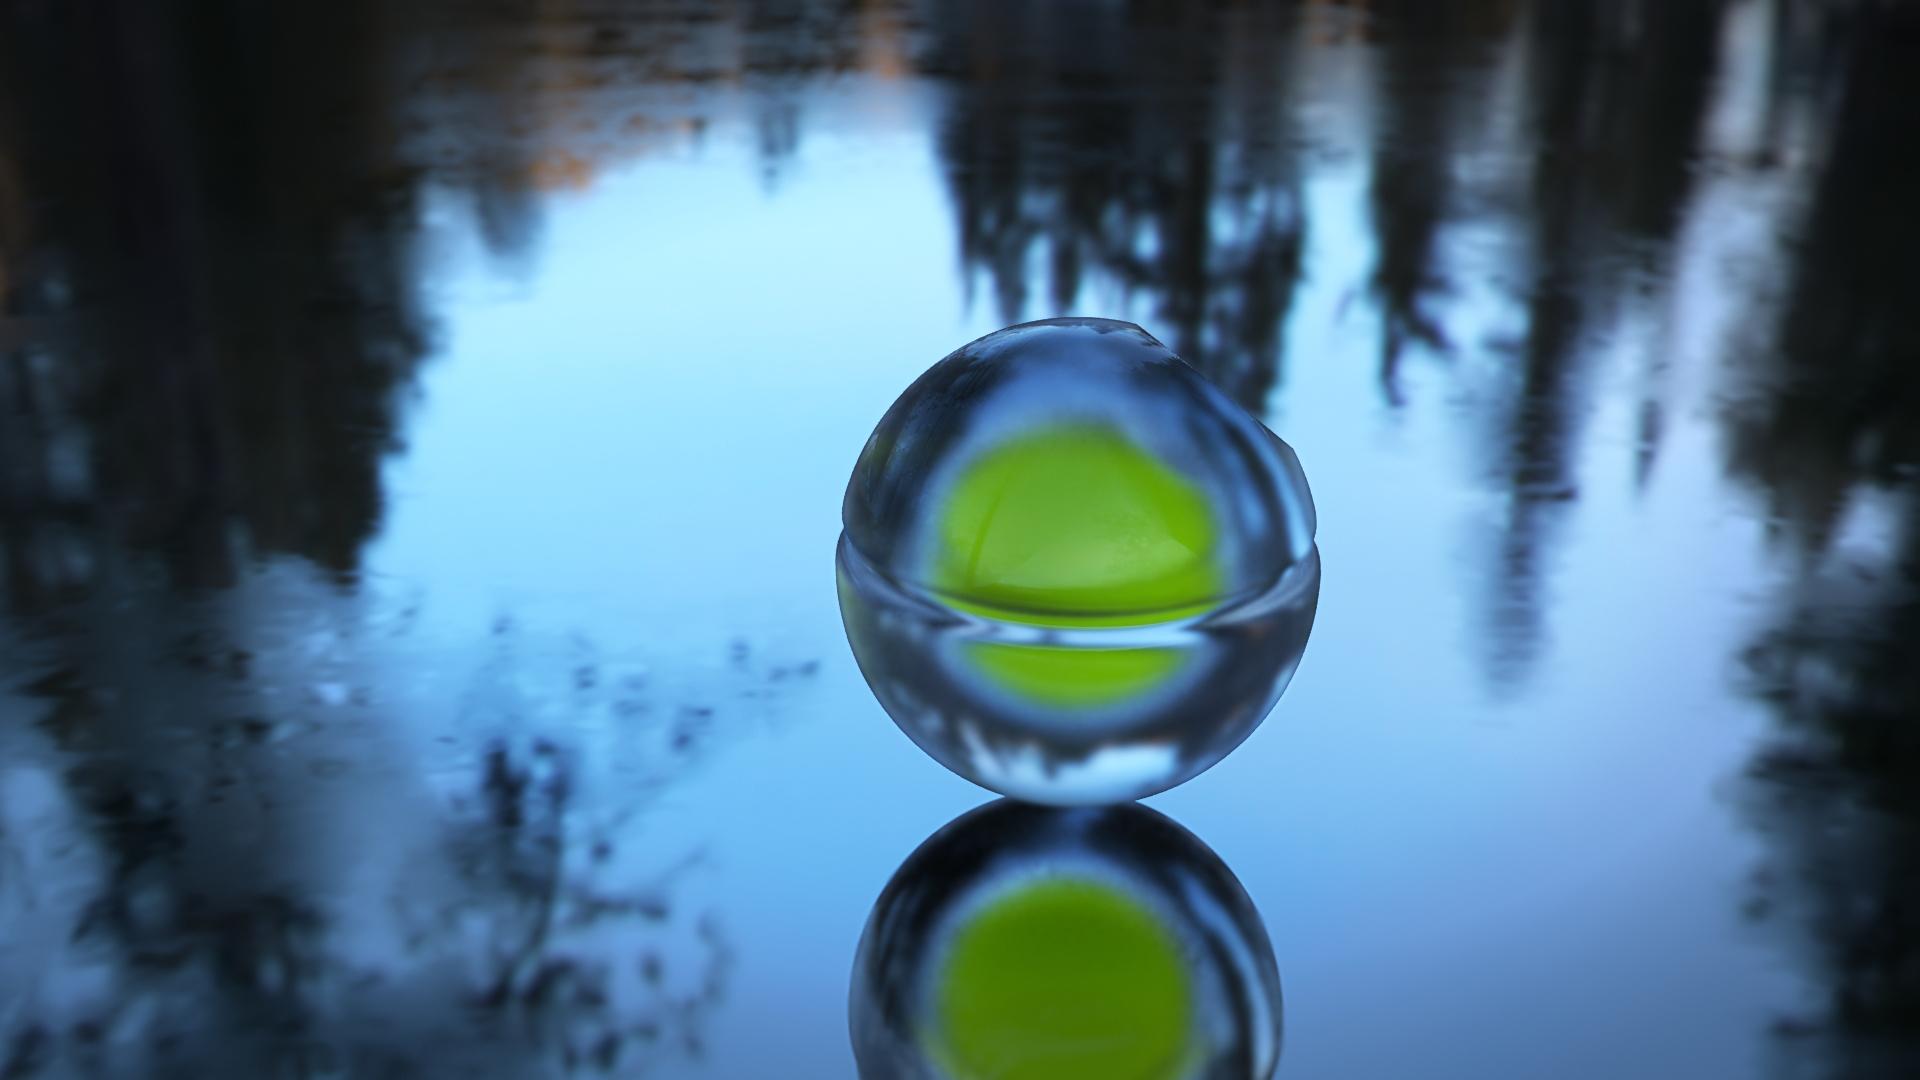 Glass_Ball copy.jpg